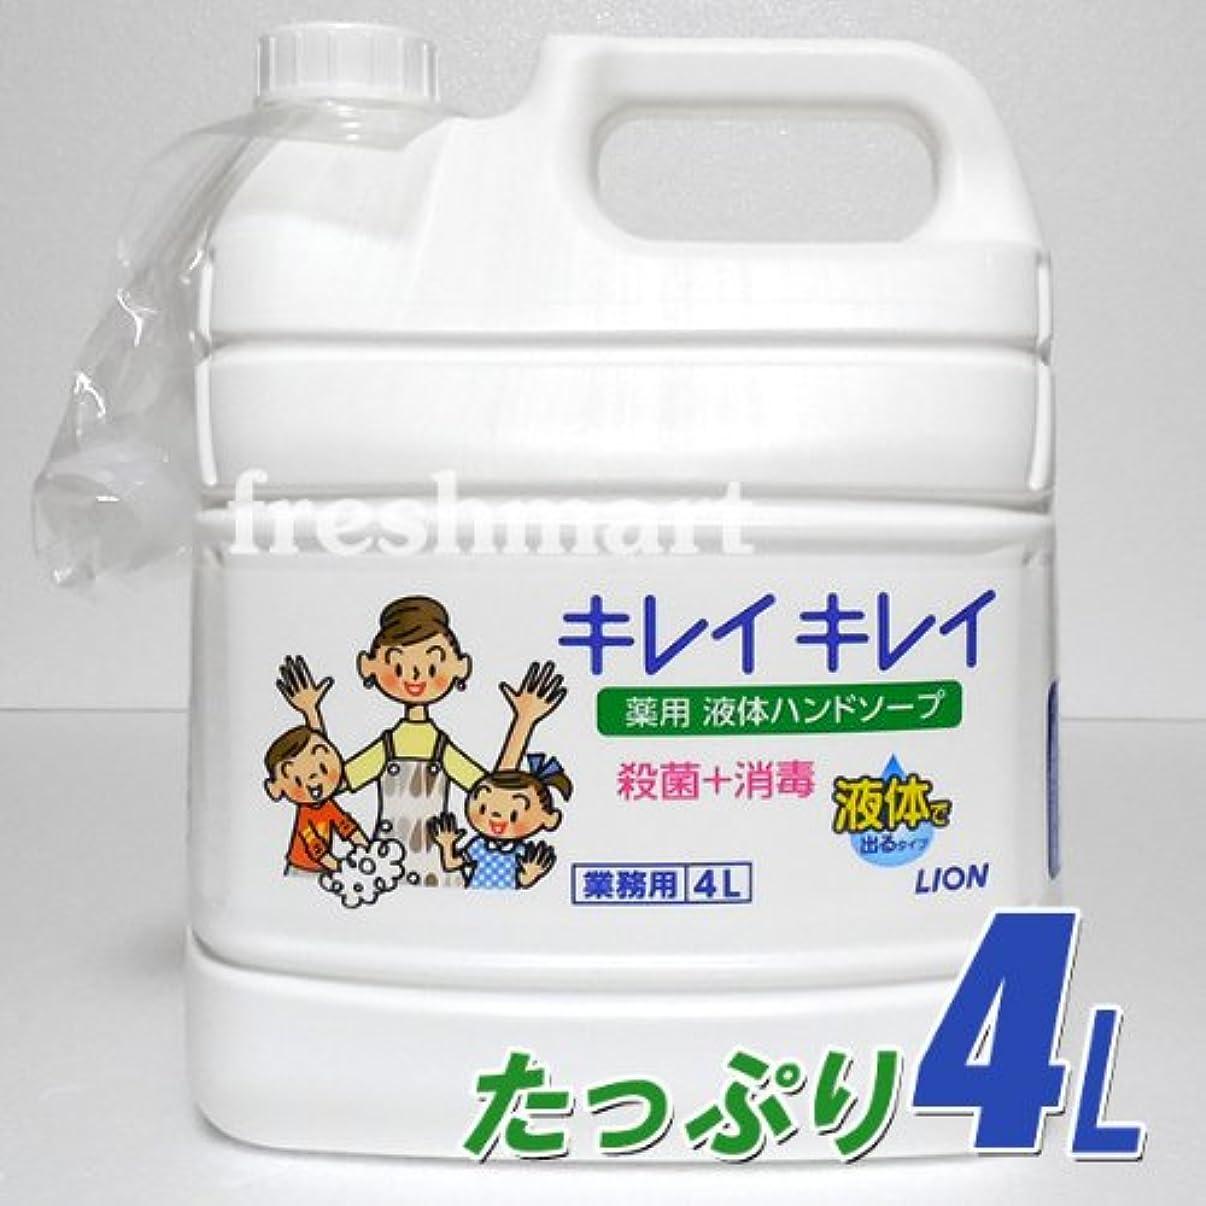 記憶に残る準備仕立て屋☆100%植物性洗浄成分使用☆ ライオン キレイキレイ 薬用液体ハンドソープ つめかえ用4L 業務用 大容量 ボトル